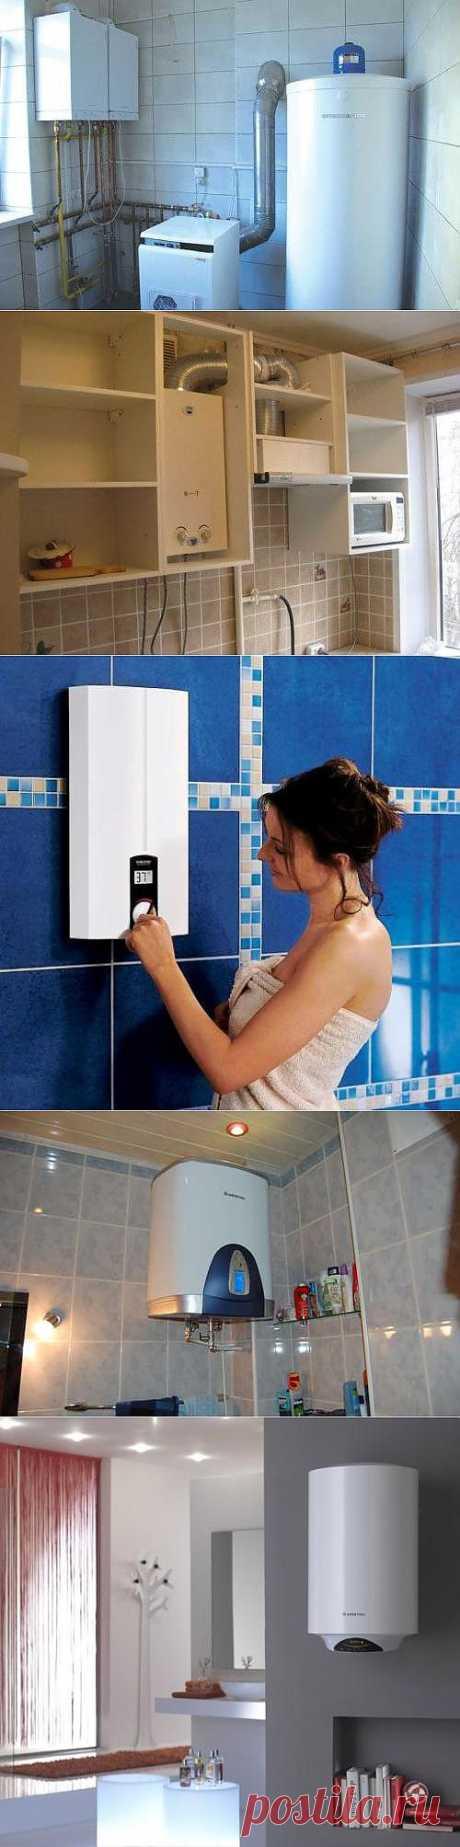 Горячее водоснабжение дома и дачи. Какой водонагреватель выбрать?